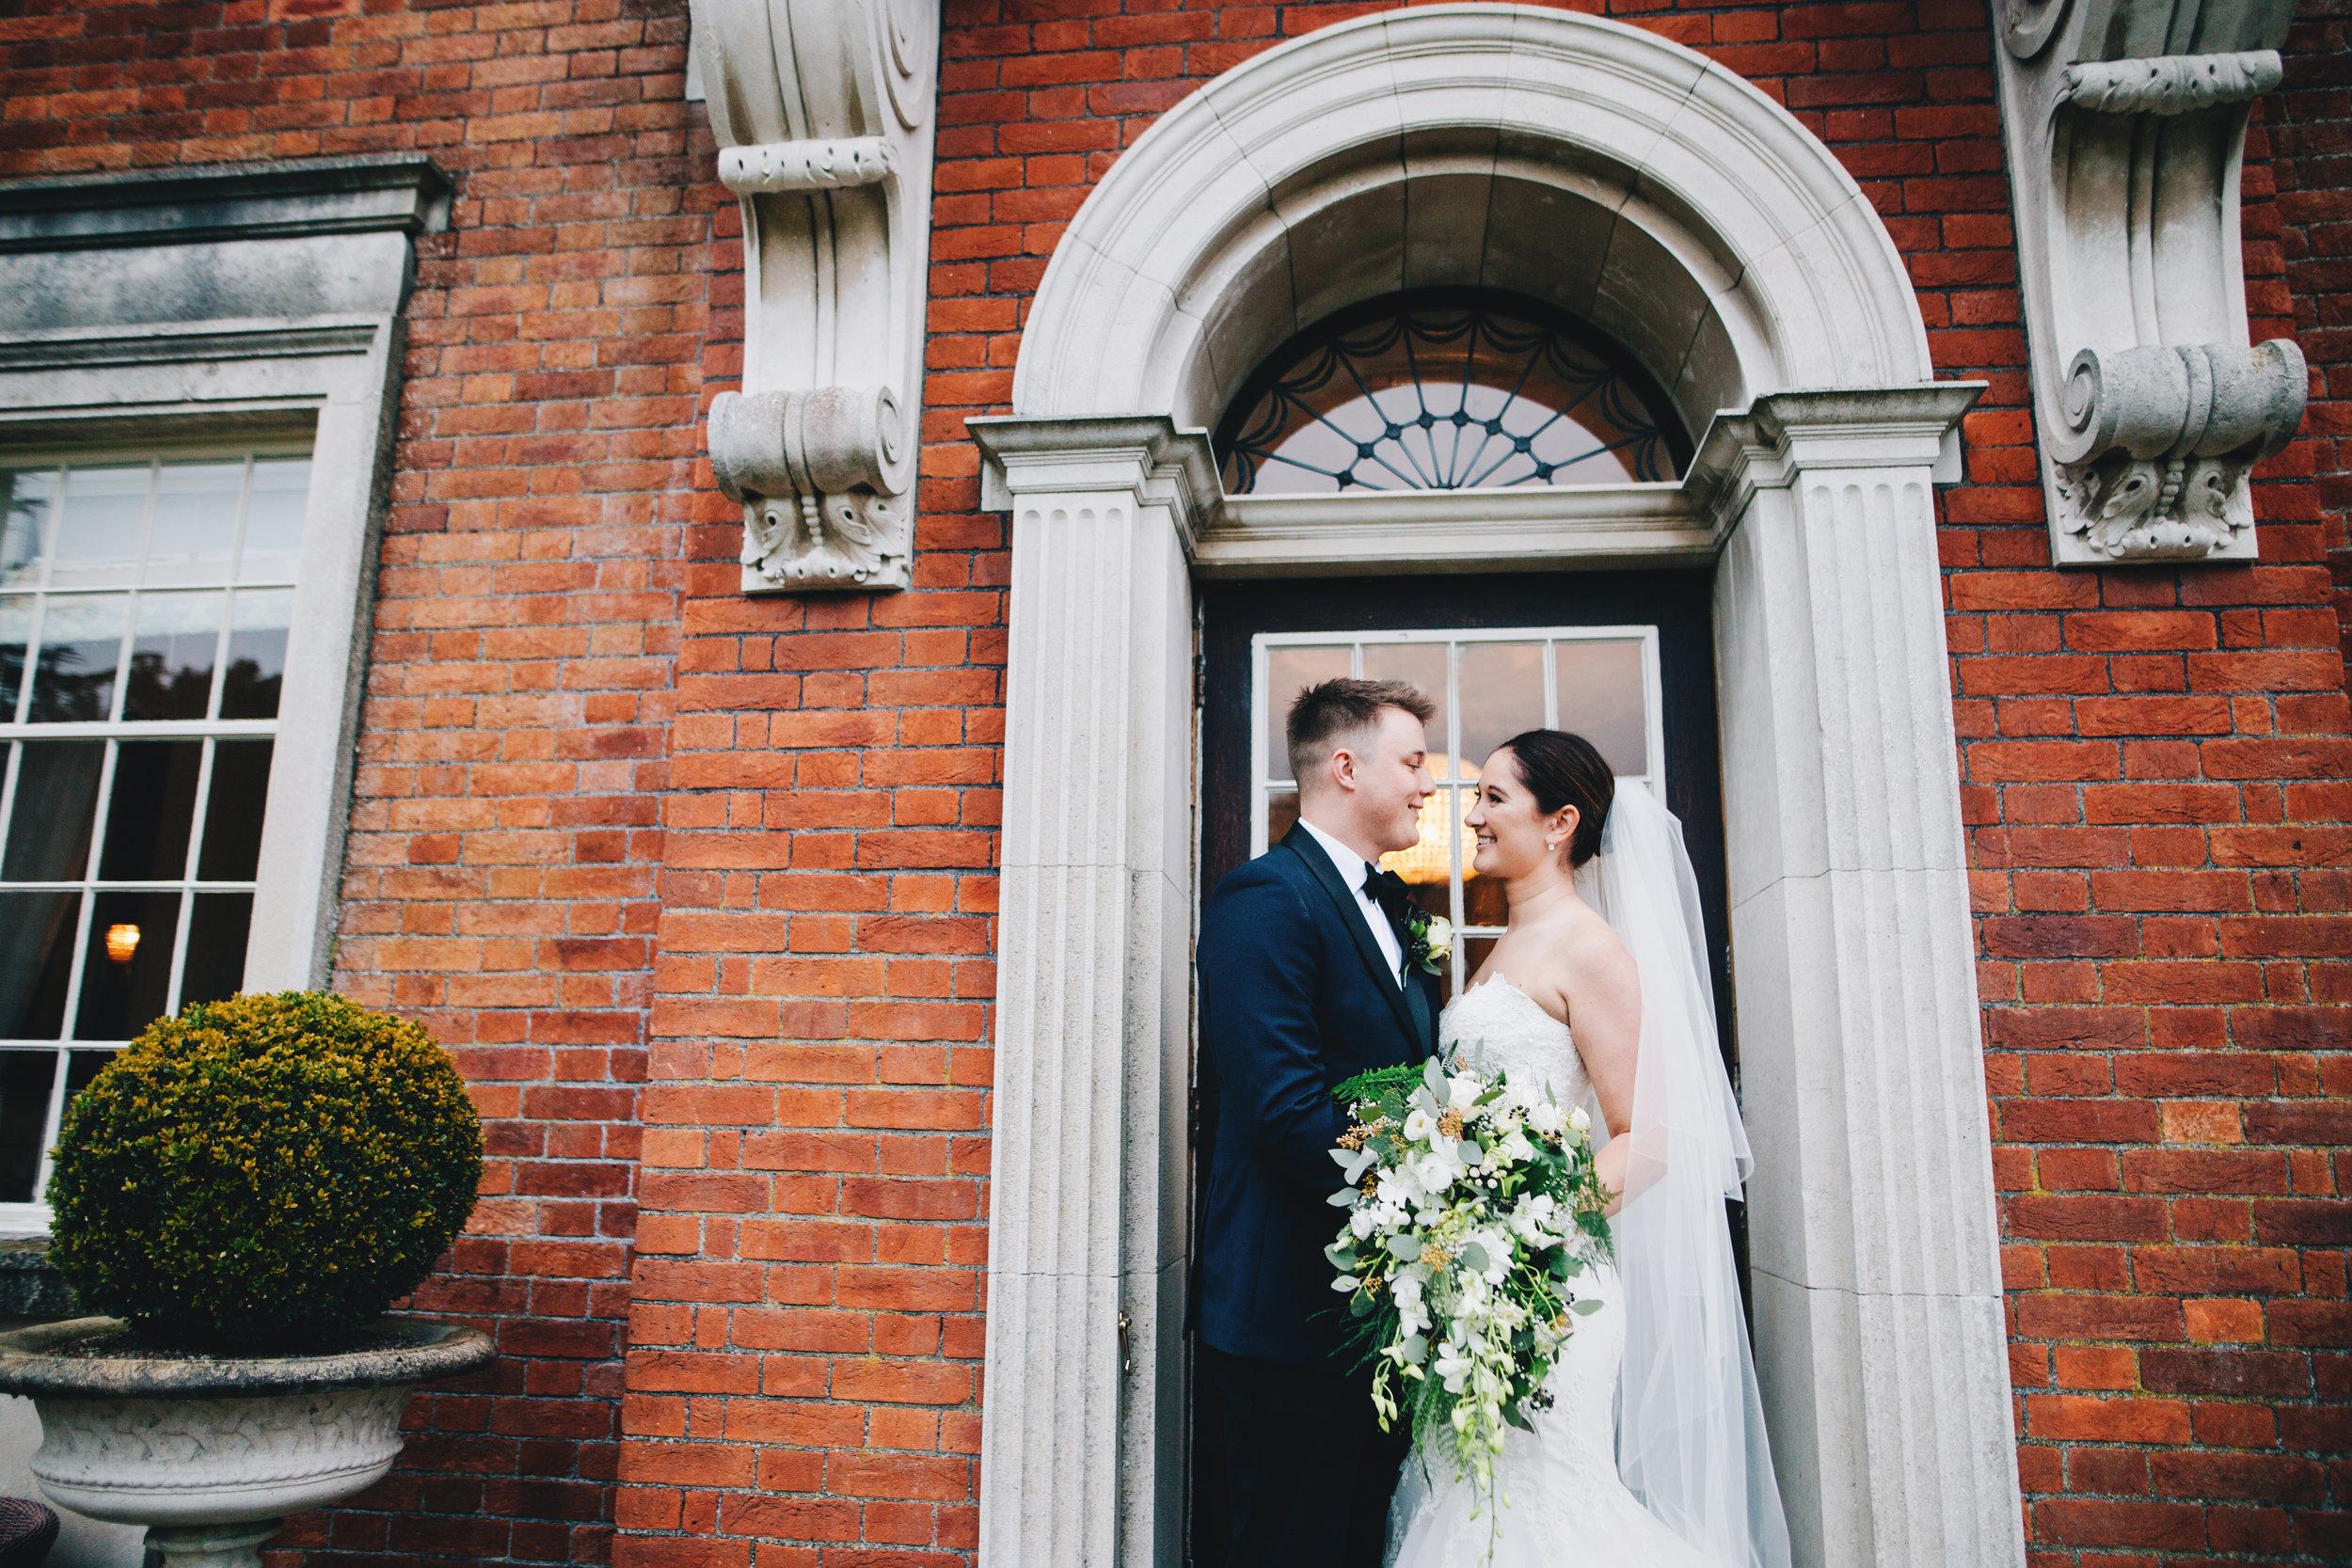 beautiful brickwork at Eaves Hall wedding venue